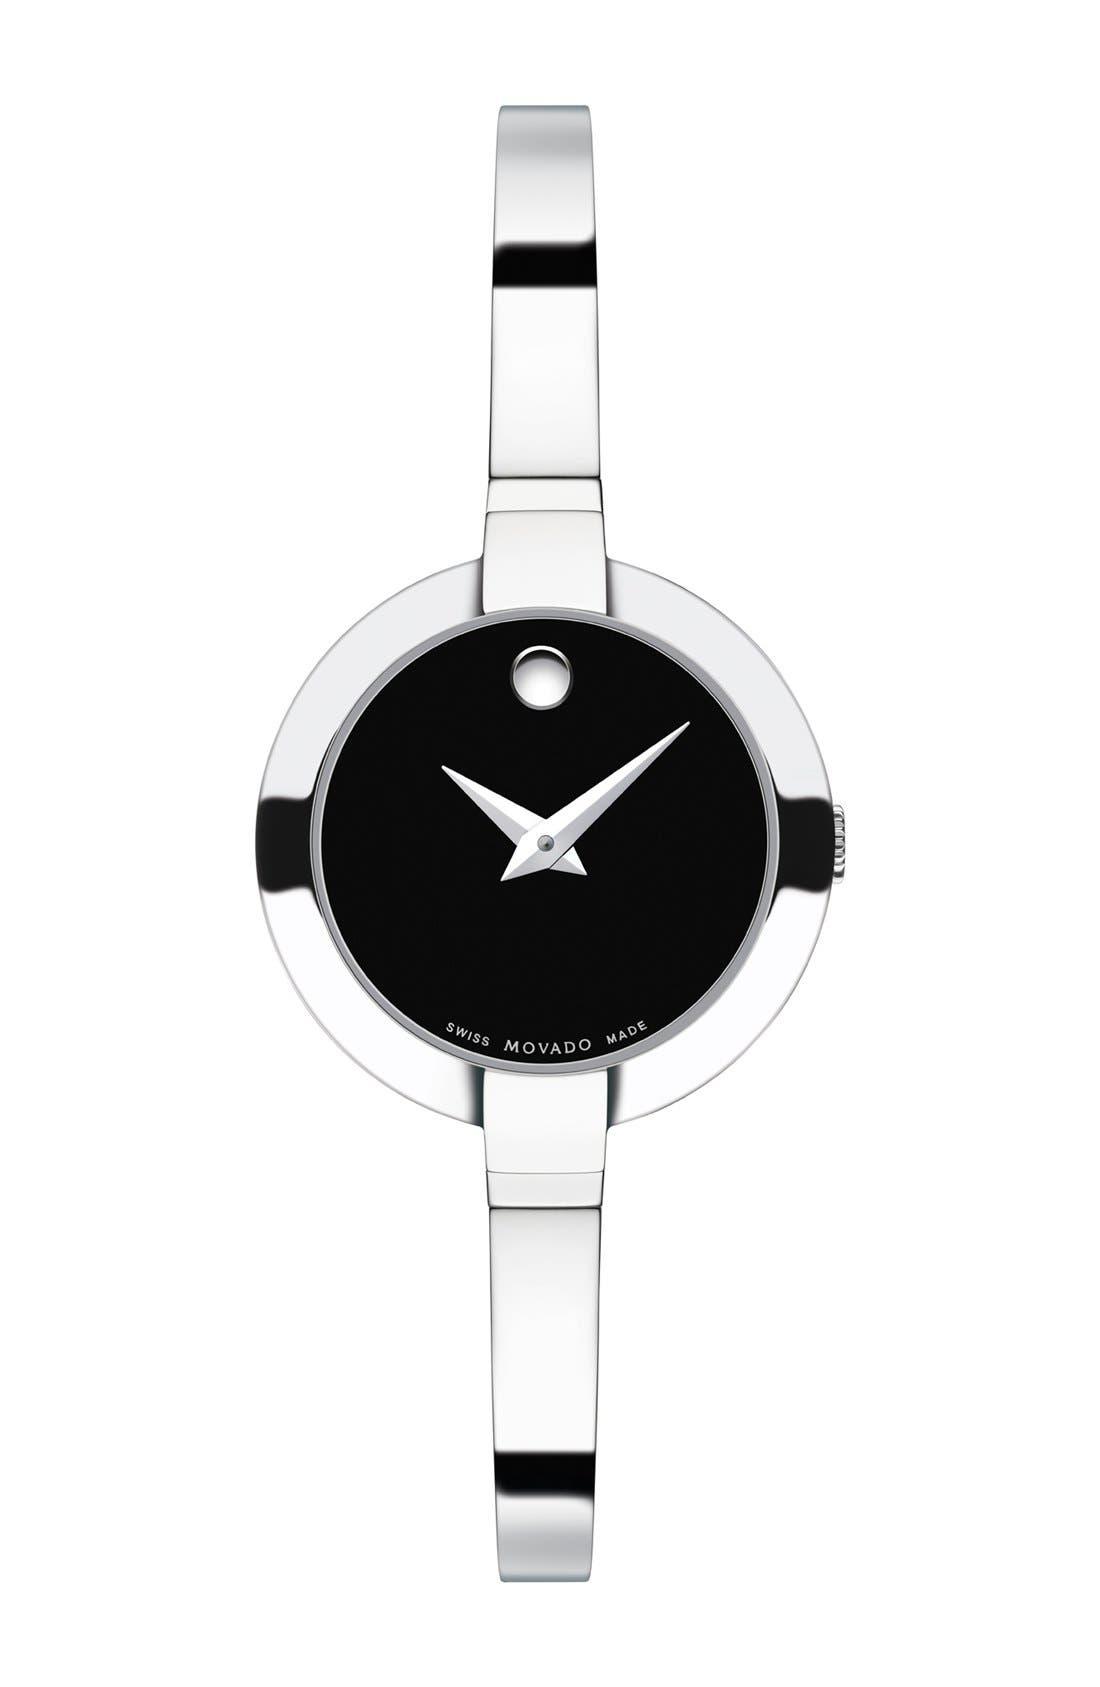 Alternate Image 1 Selected - Movado 'Bela' Bangle Watch, 25mm (Regular Retail Price: $495.00)